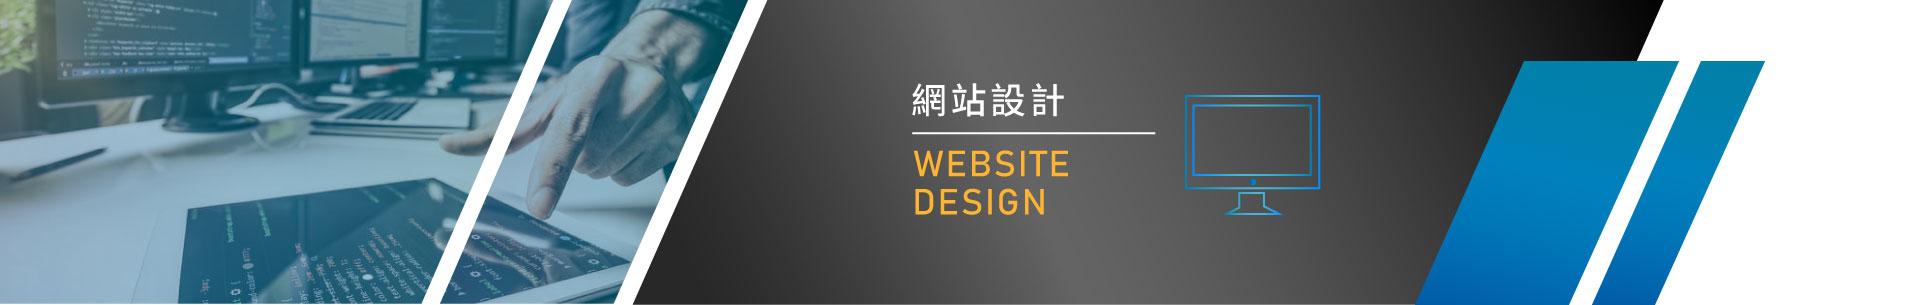 網站設計,網站規劃,網站架設,網頁設計,網頁規劃,網頁架設